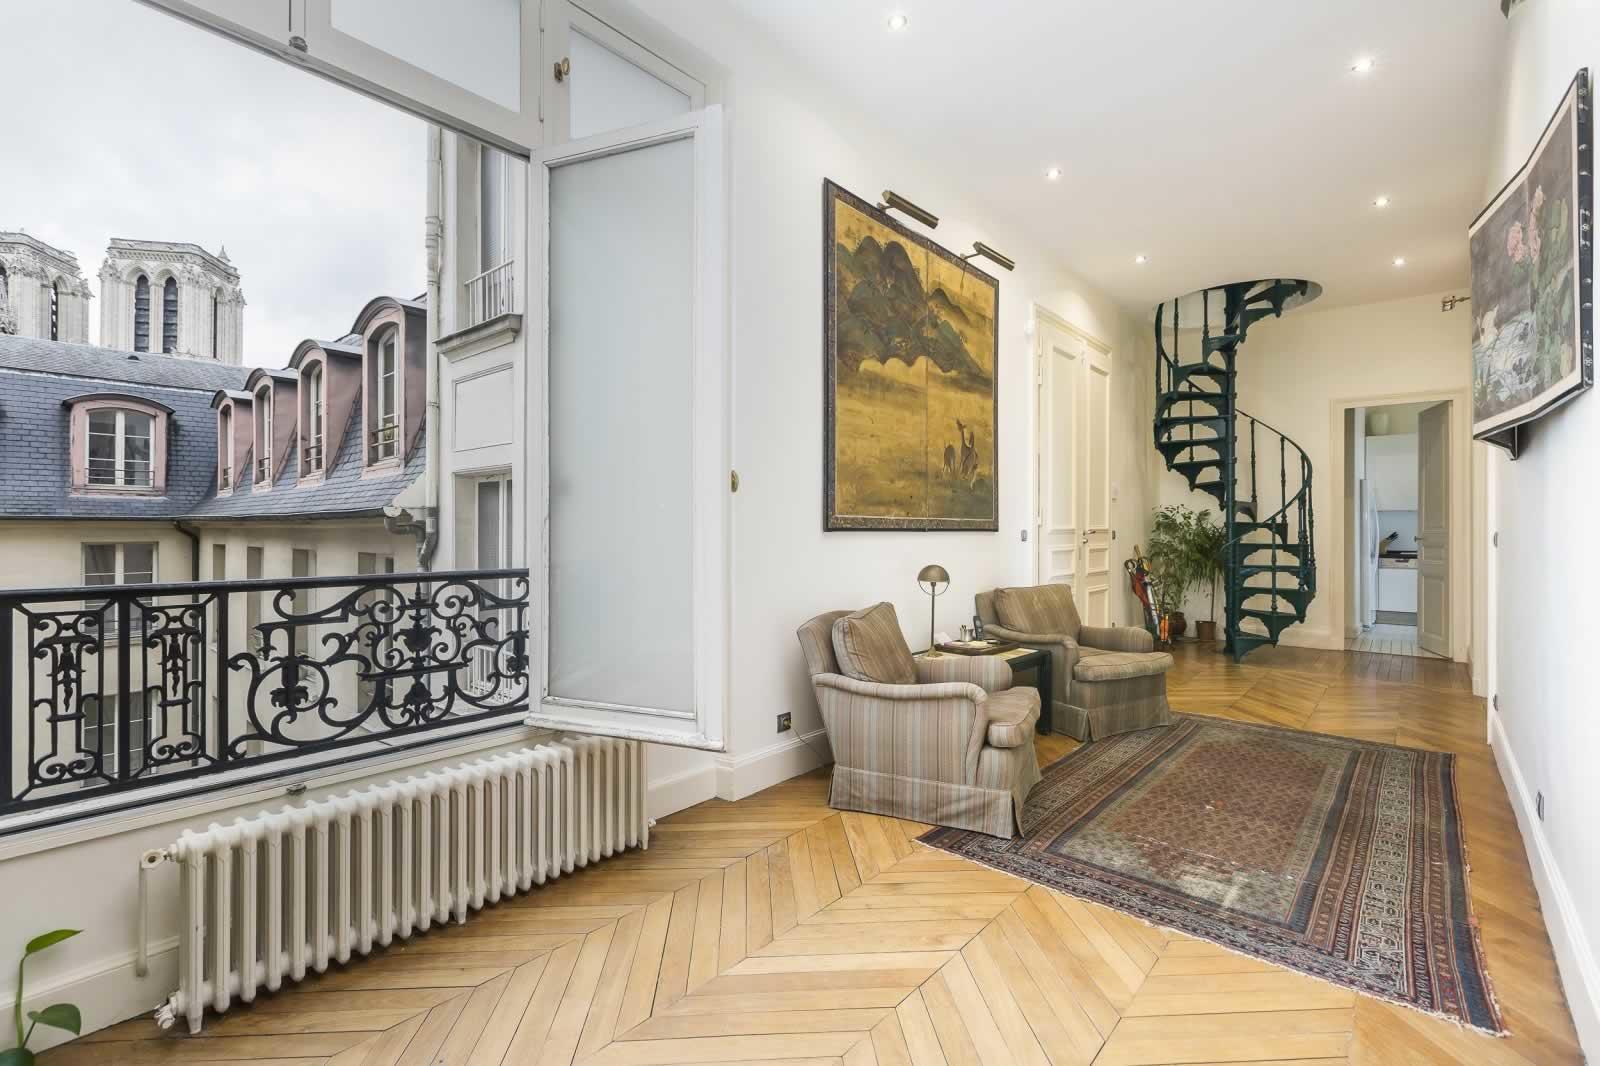 appartement-exceptionnel-a-vendre-gardien-ascenseur-cheminee-caves